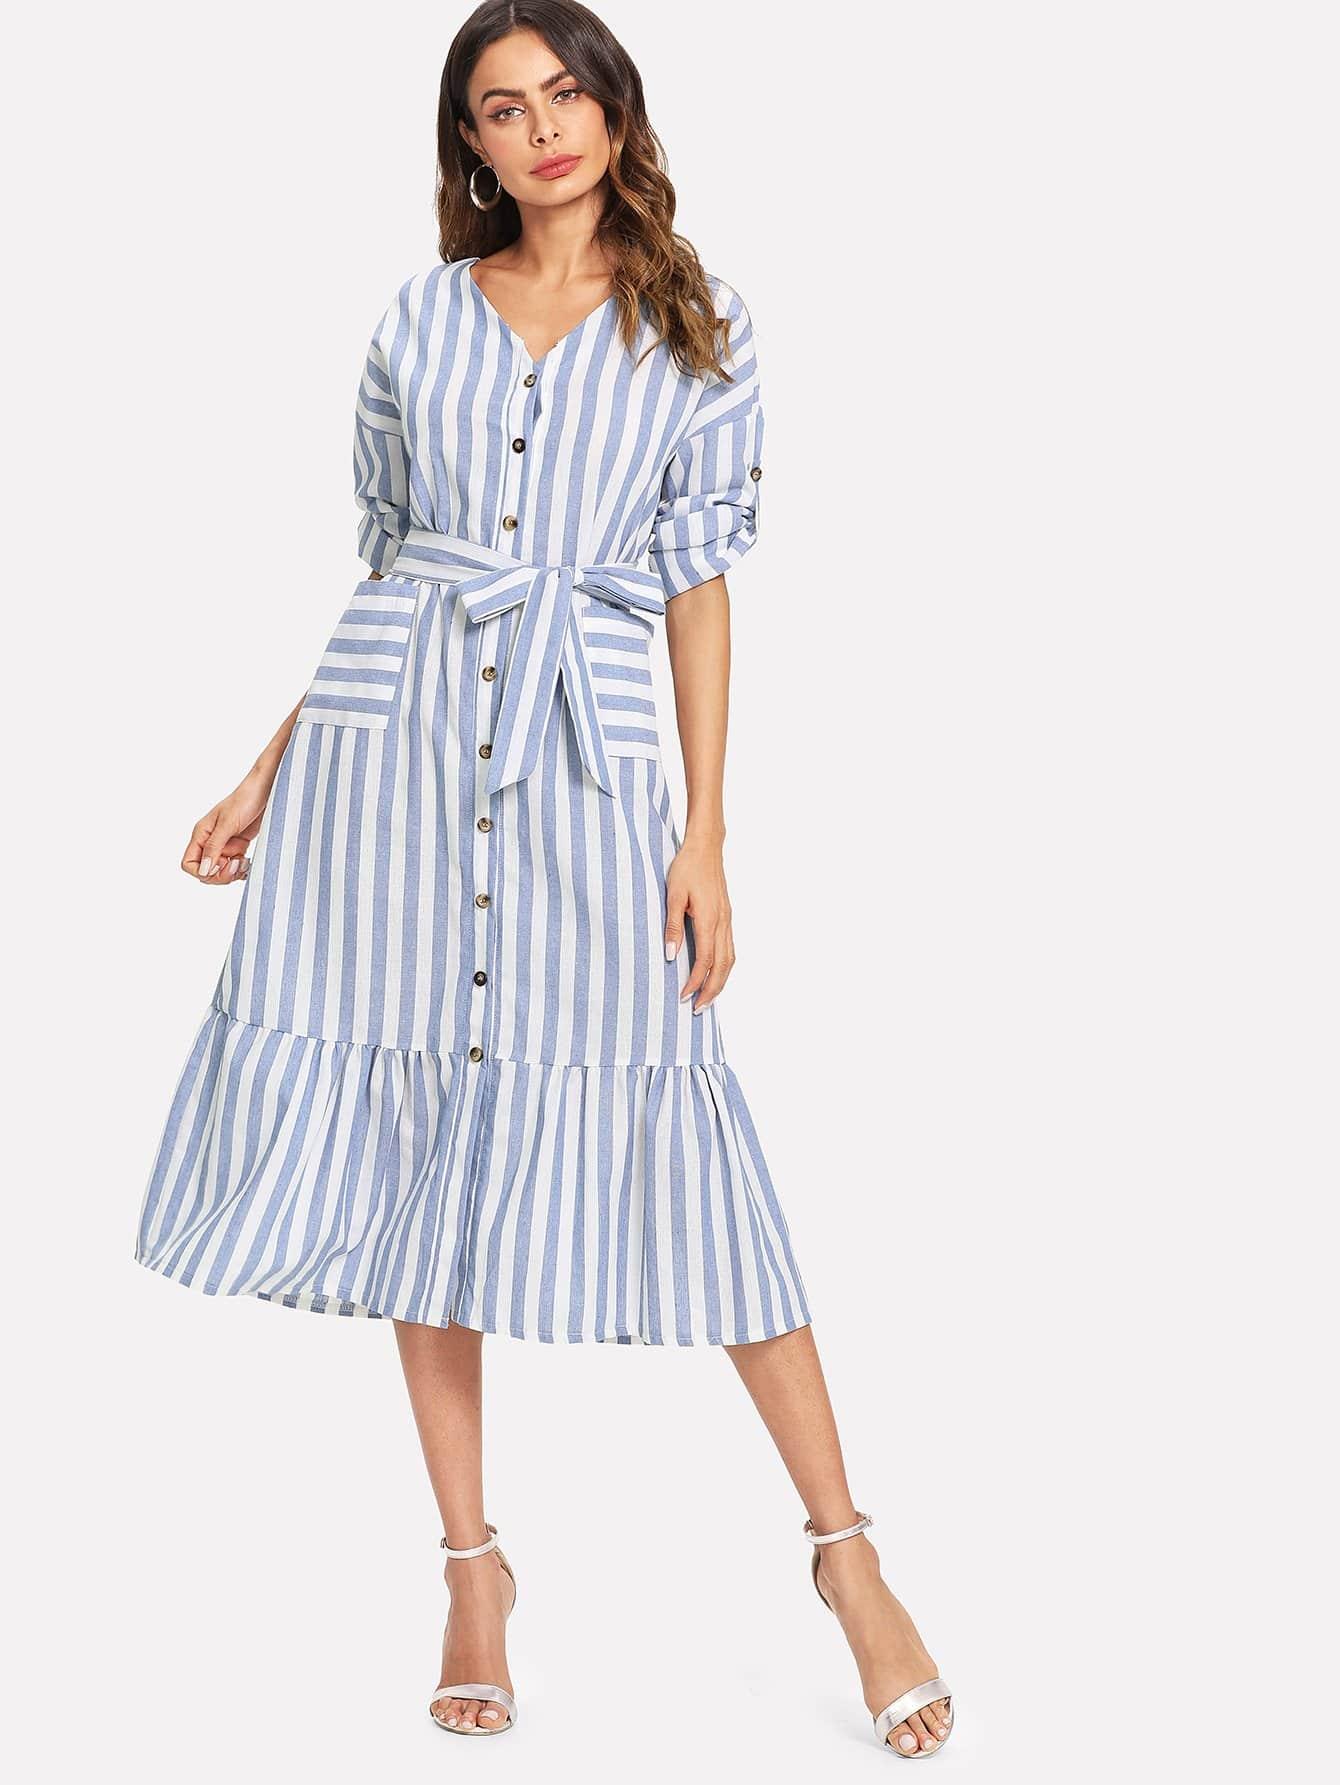 Купить Платье со сбором, поясом и полосками, Andy, SheIn